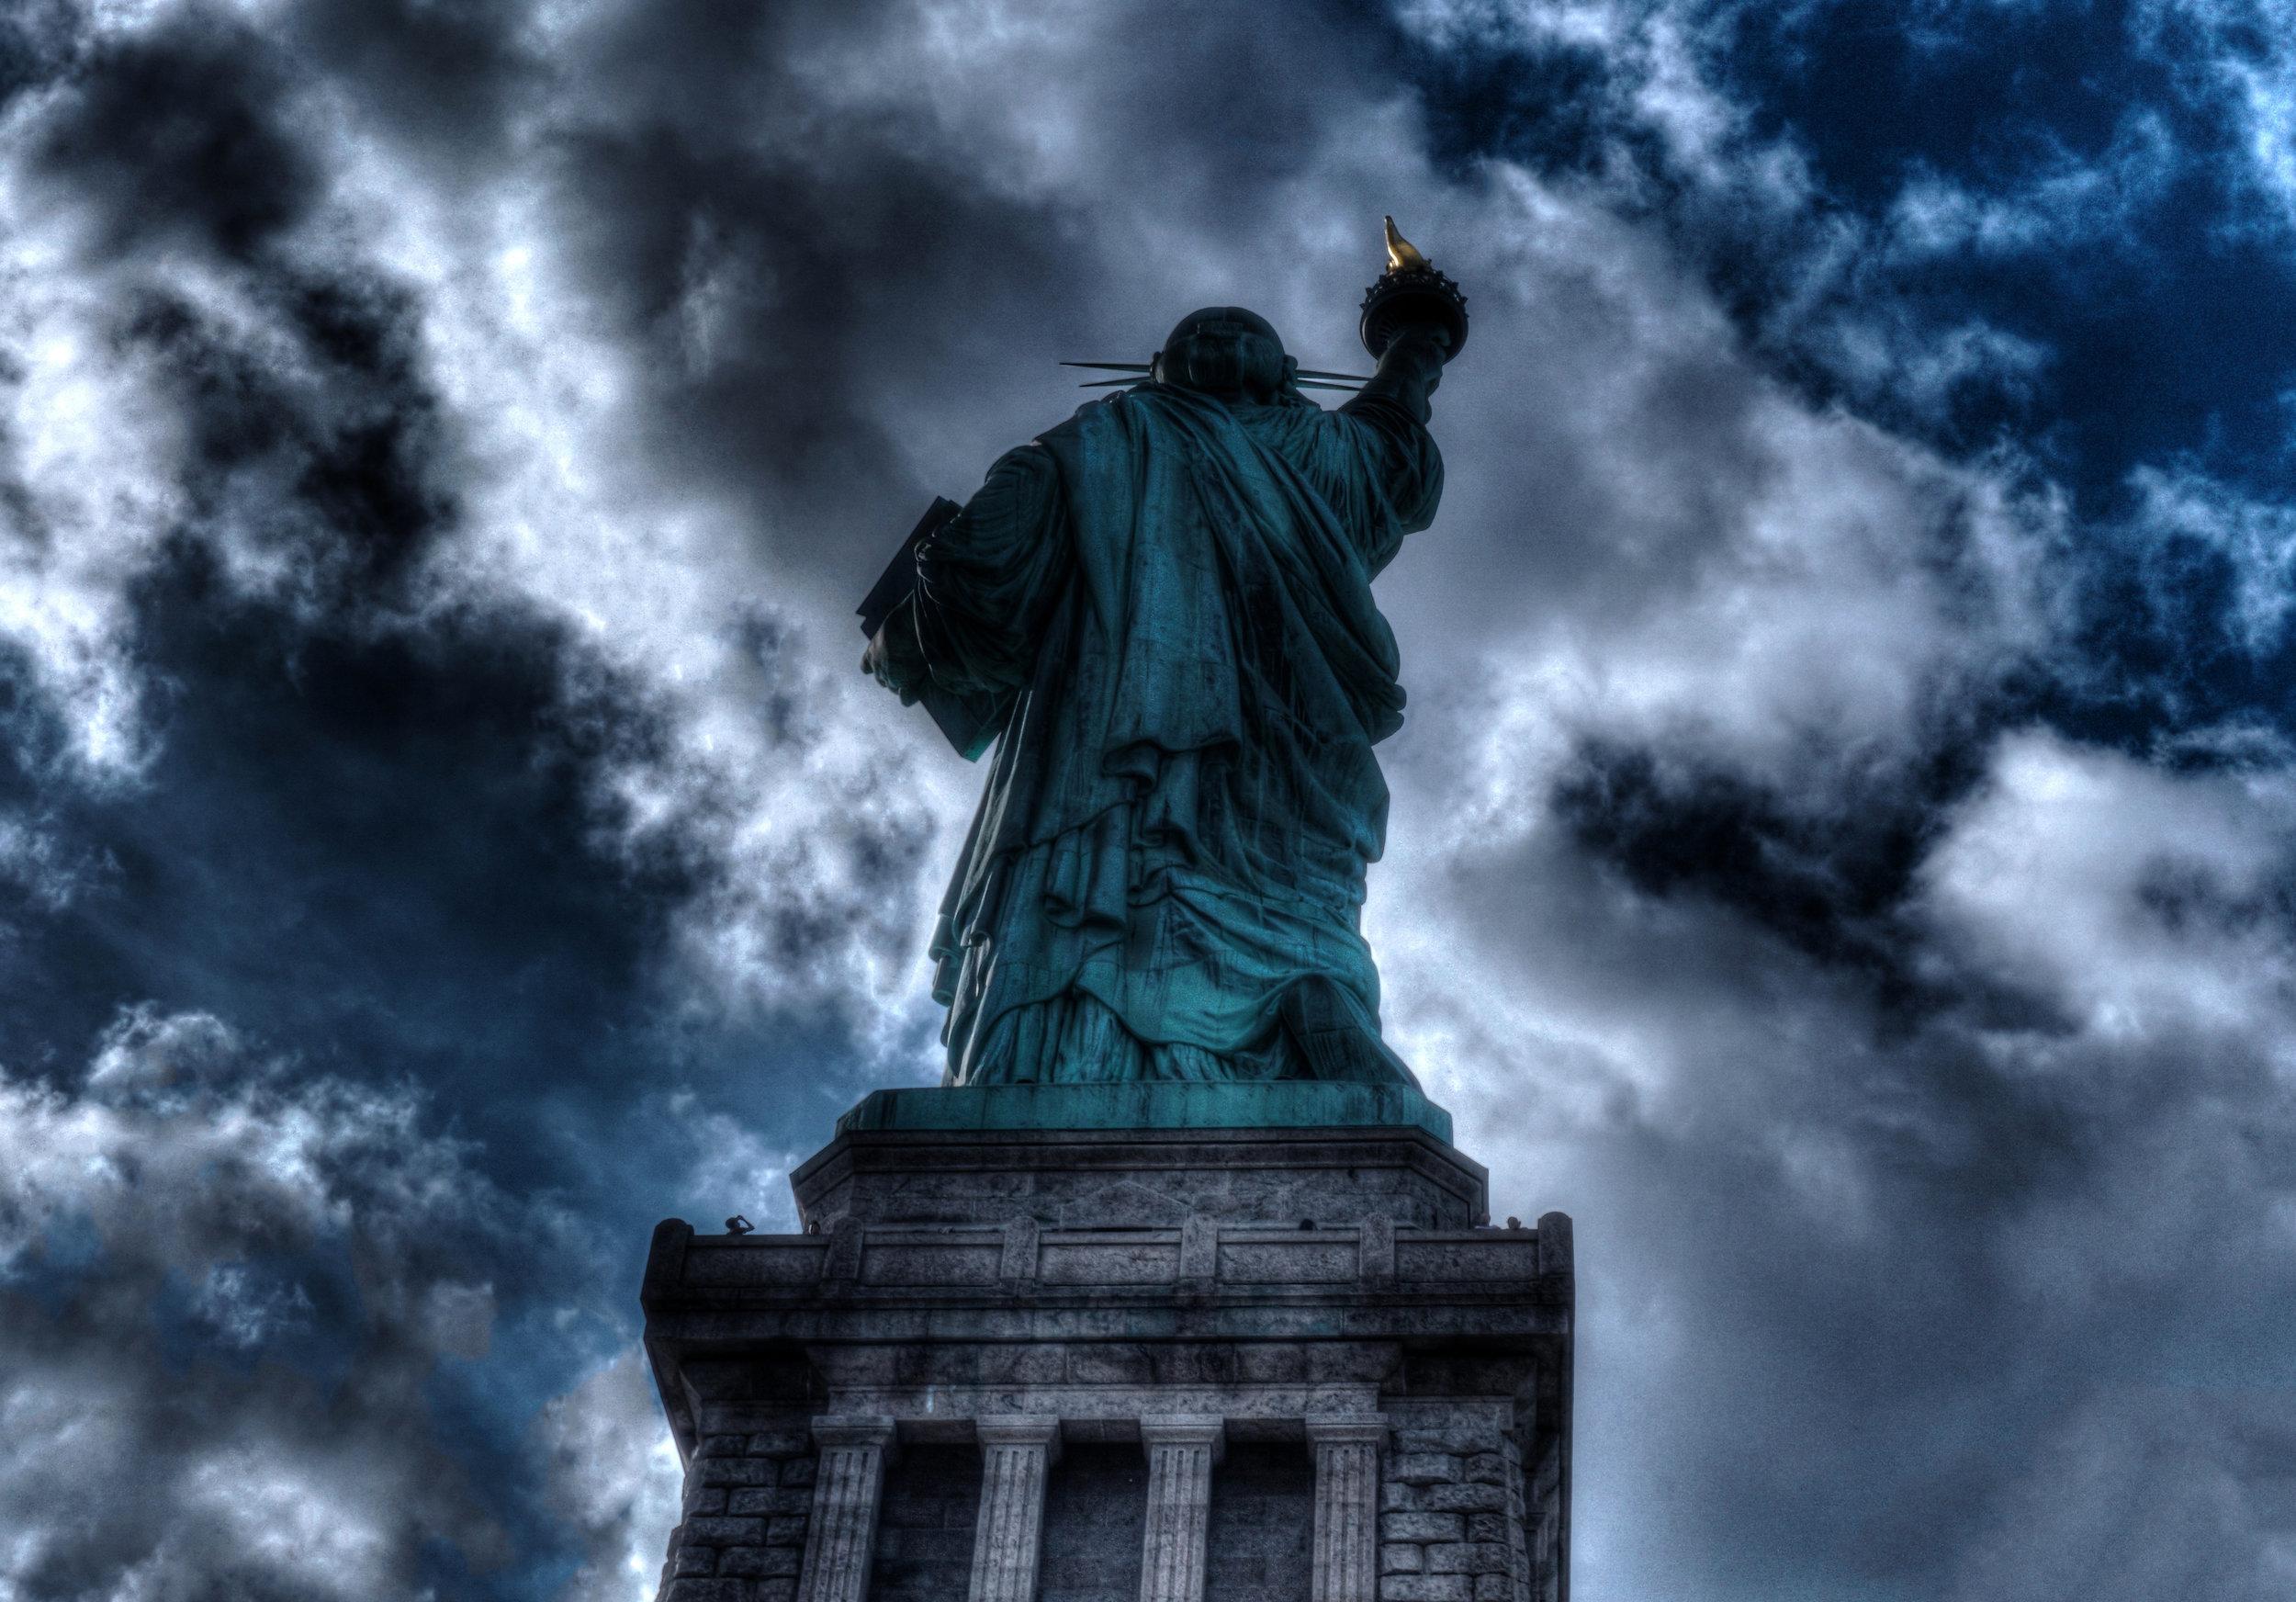 newyork9.jpg